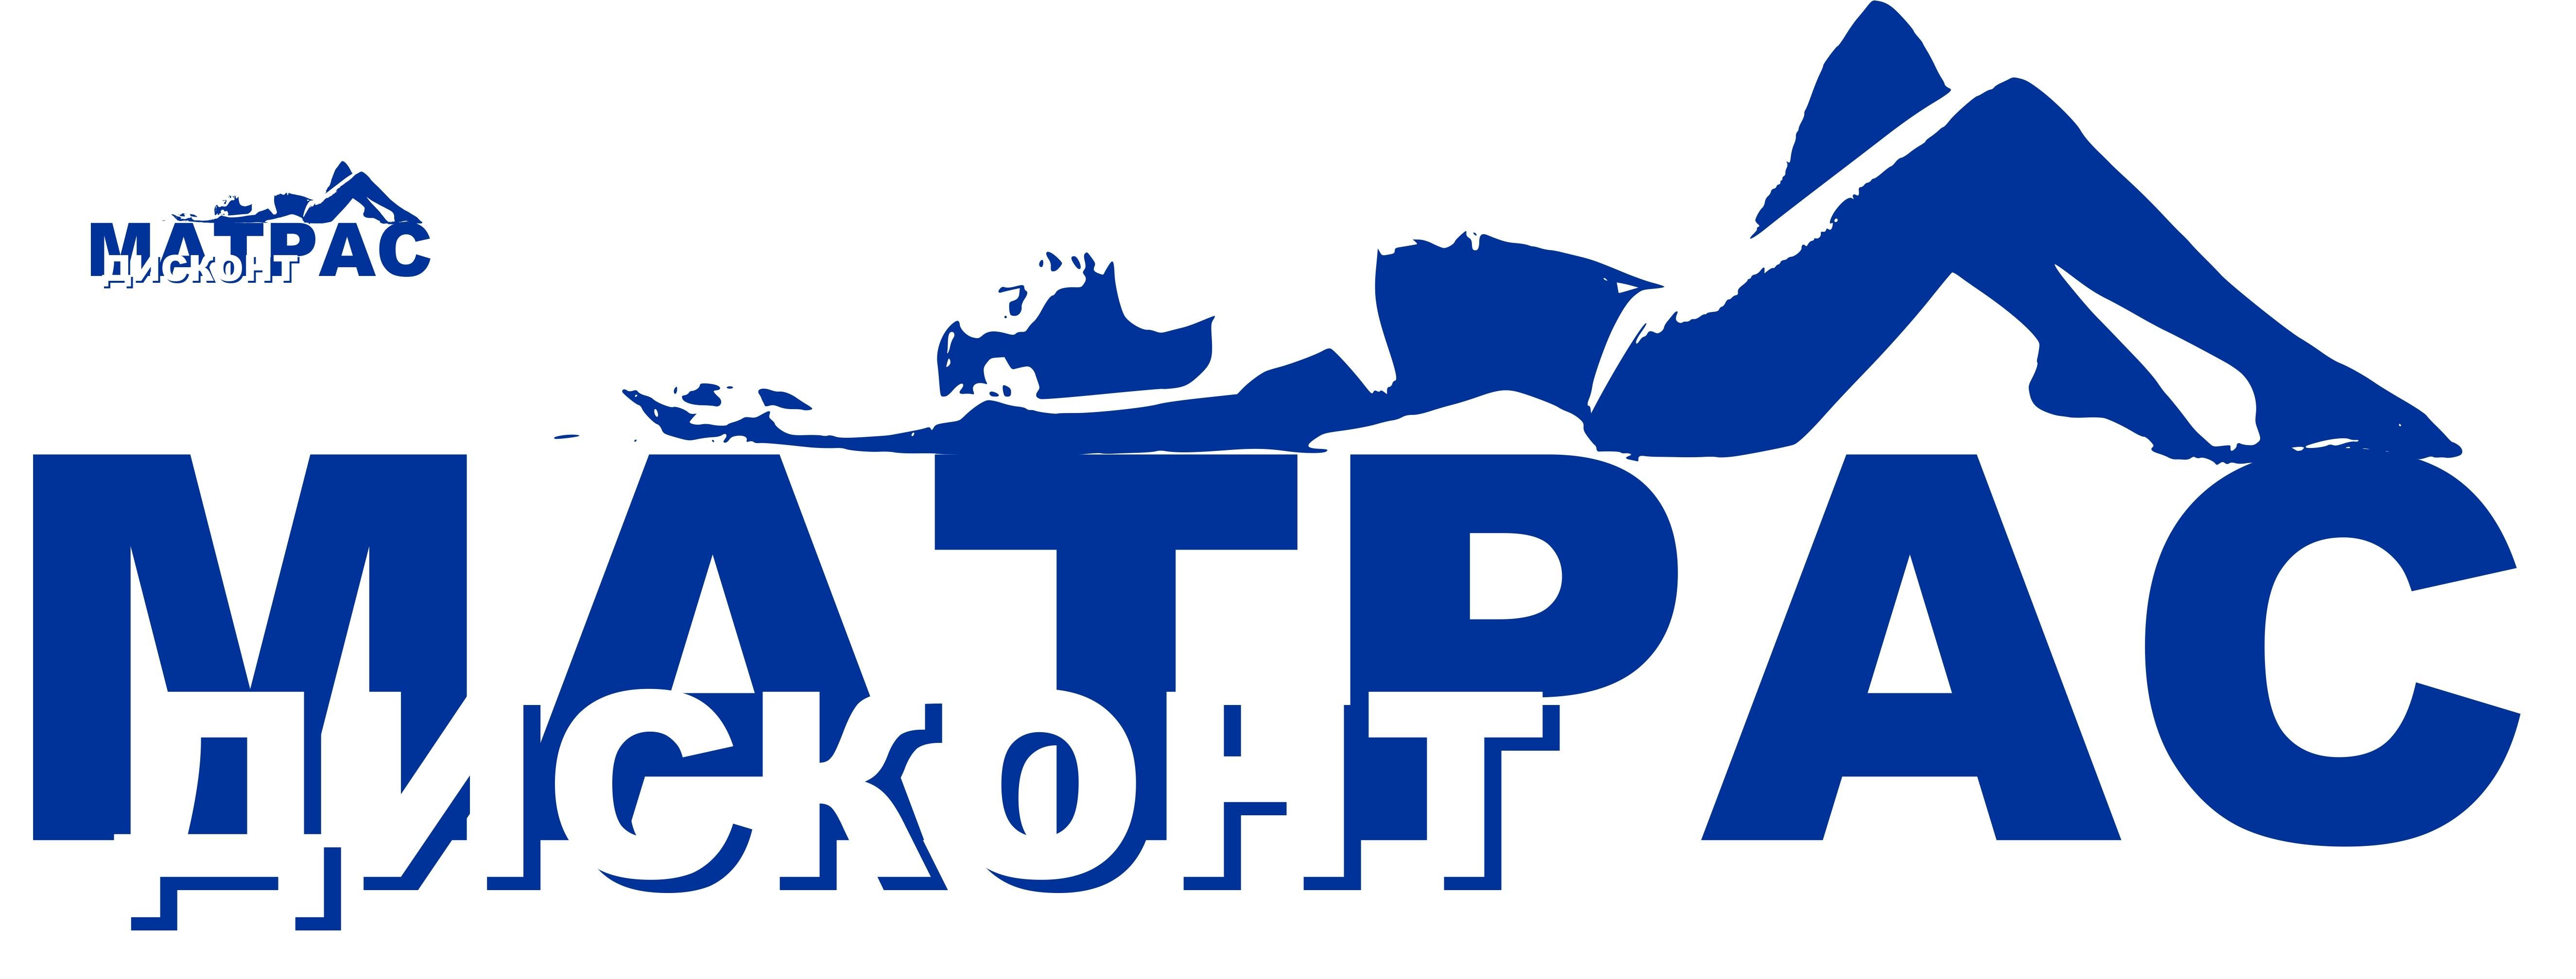 Логотип для ИМ матрасов фото f_9425c89012d04e56.jpg